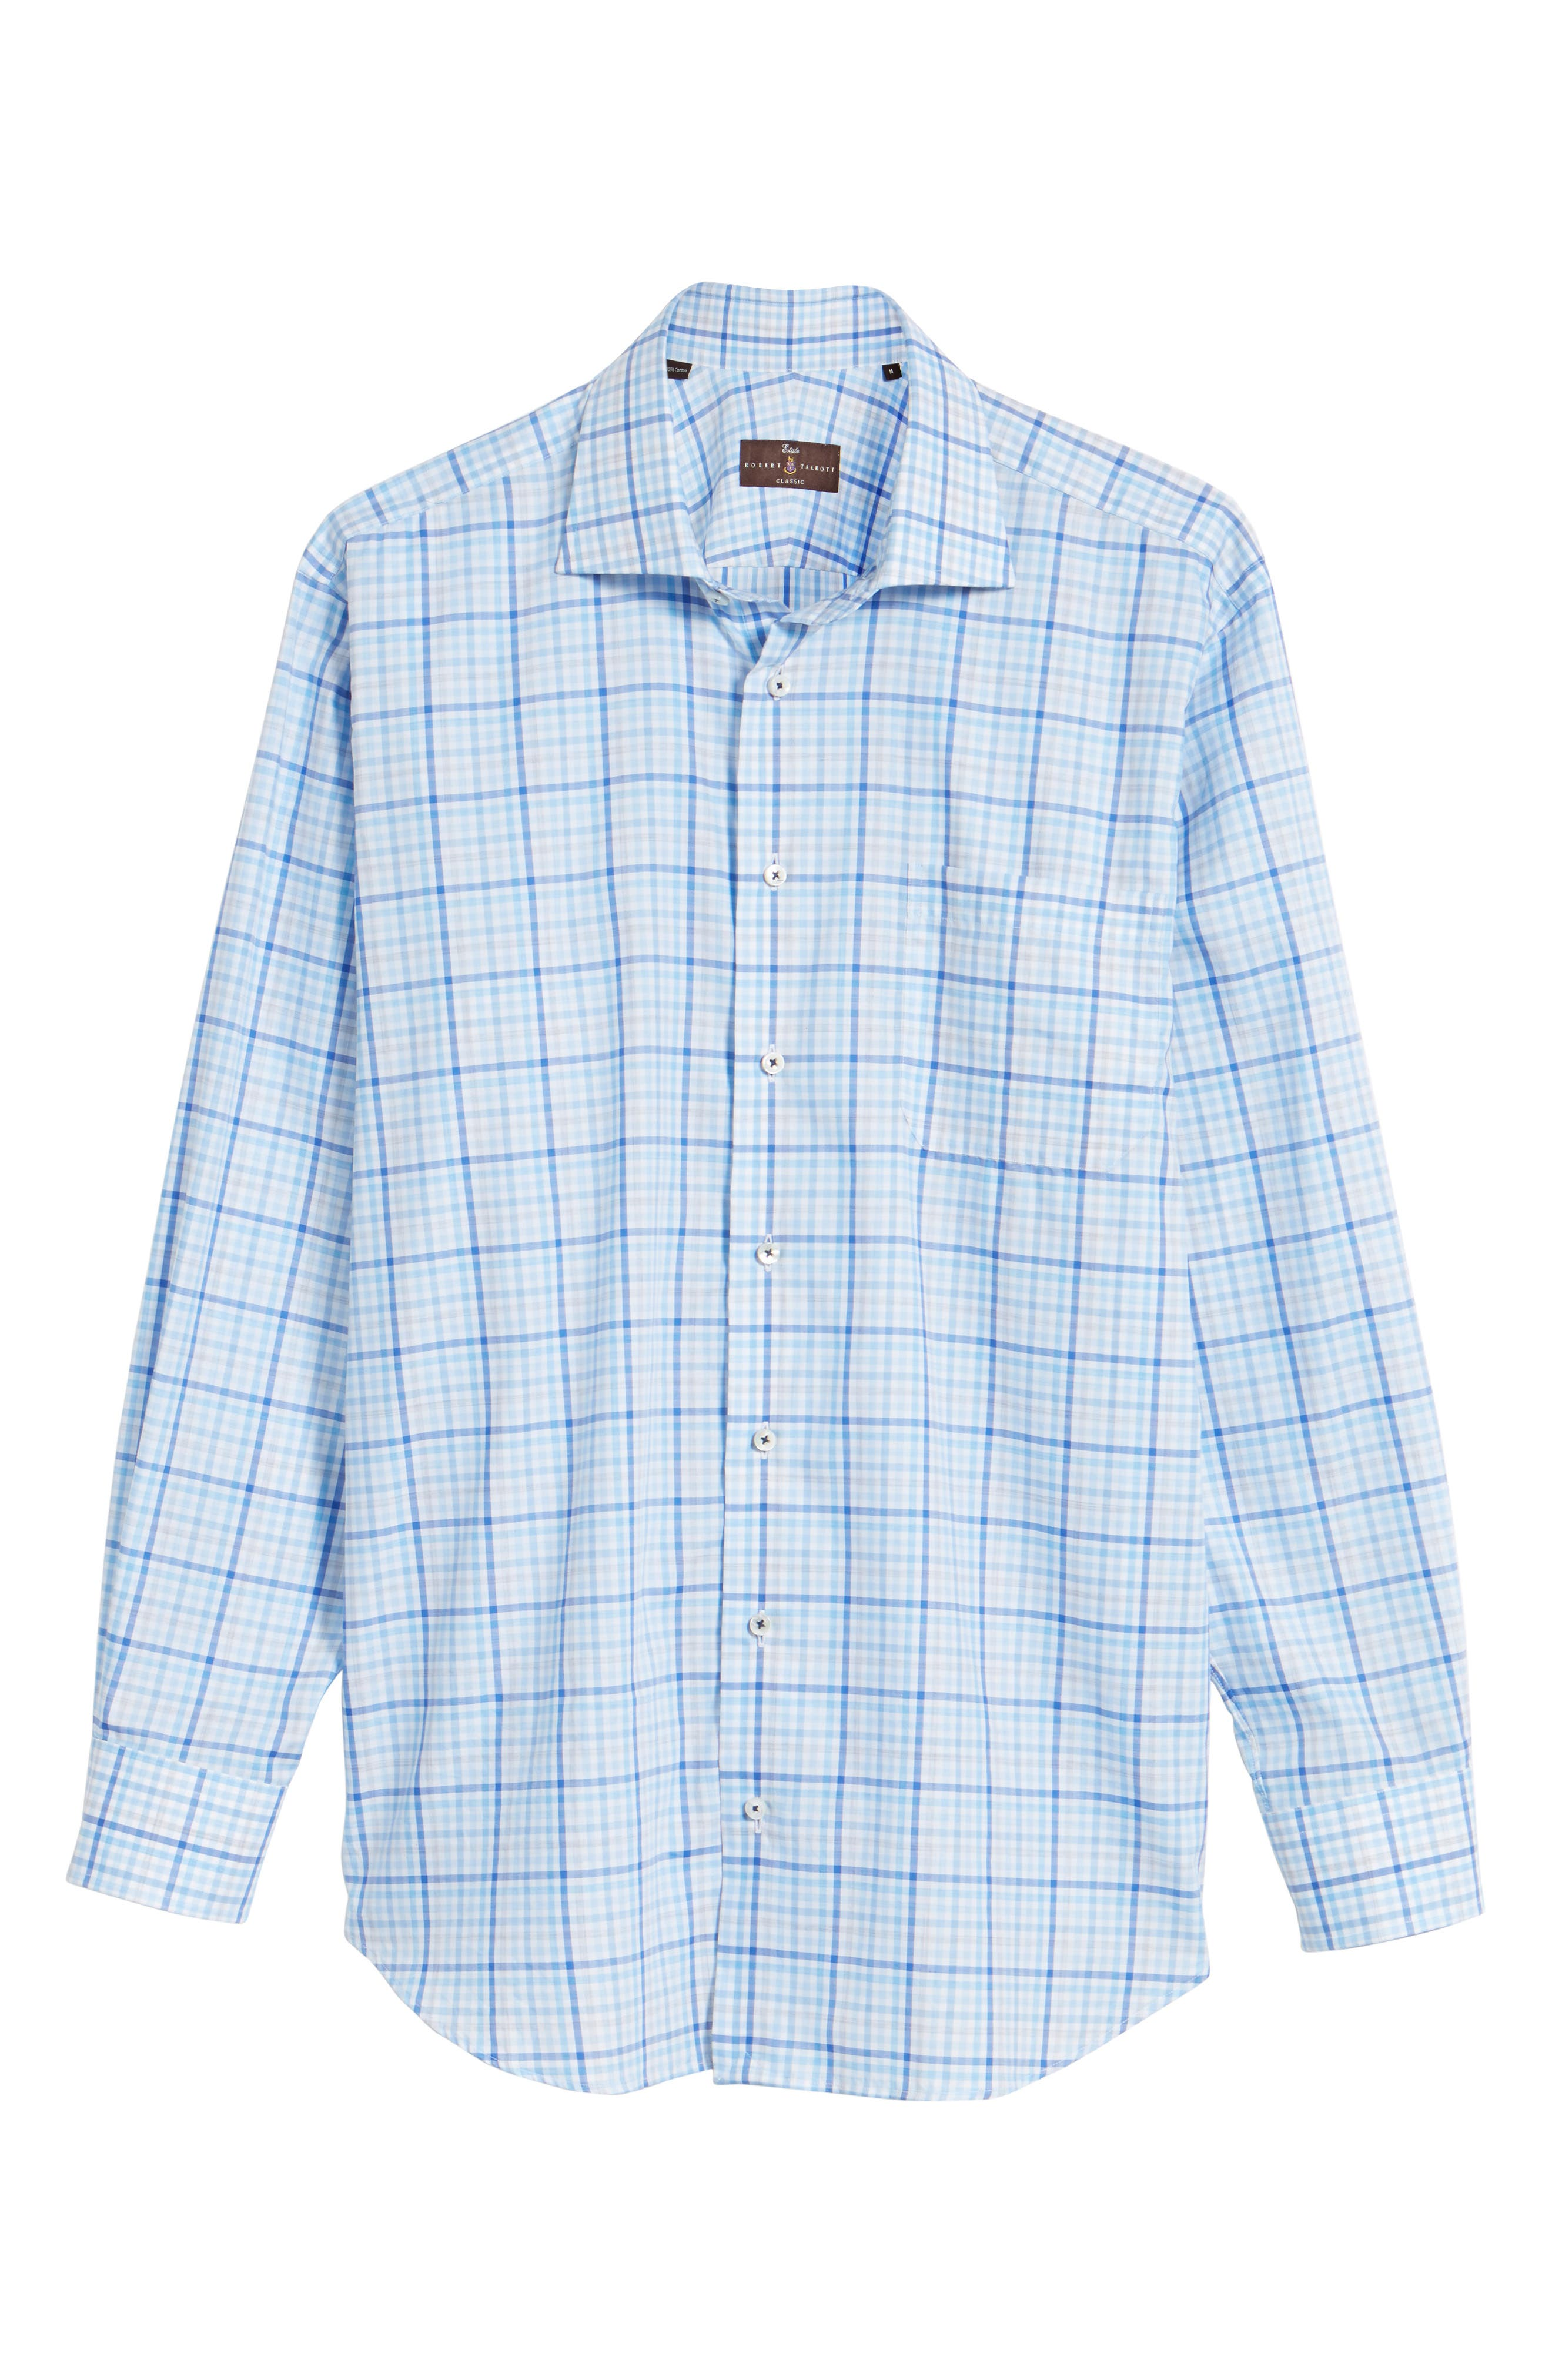 Estate Classic Fit Sport Shirt,                             Alternate thumbnail 6, color,                             400